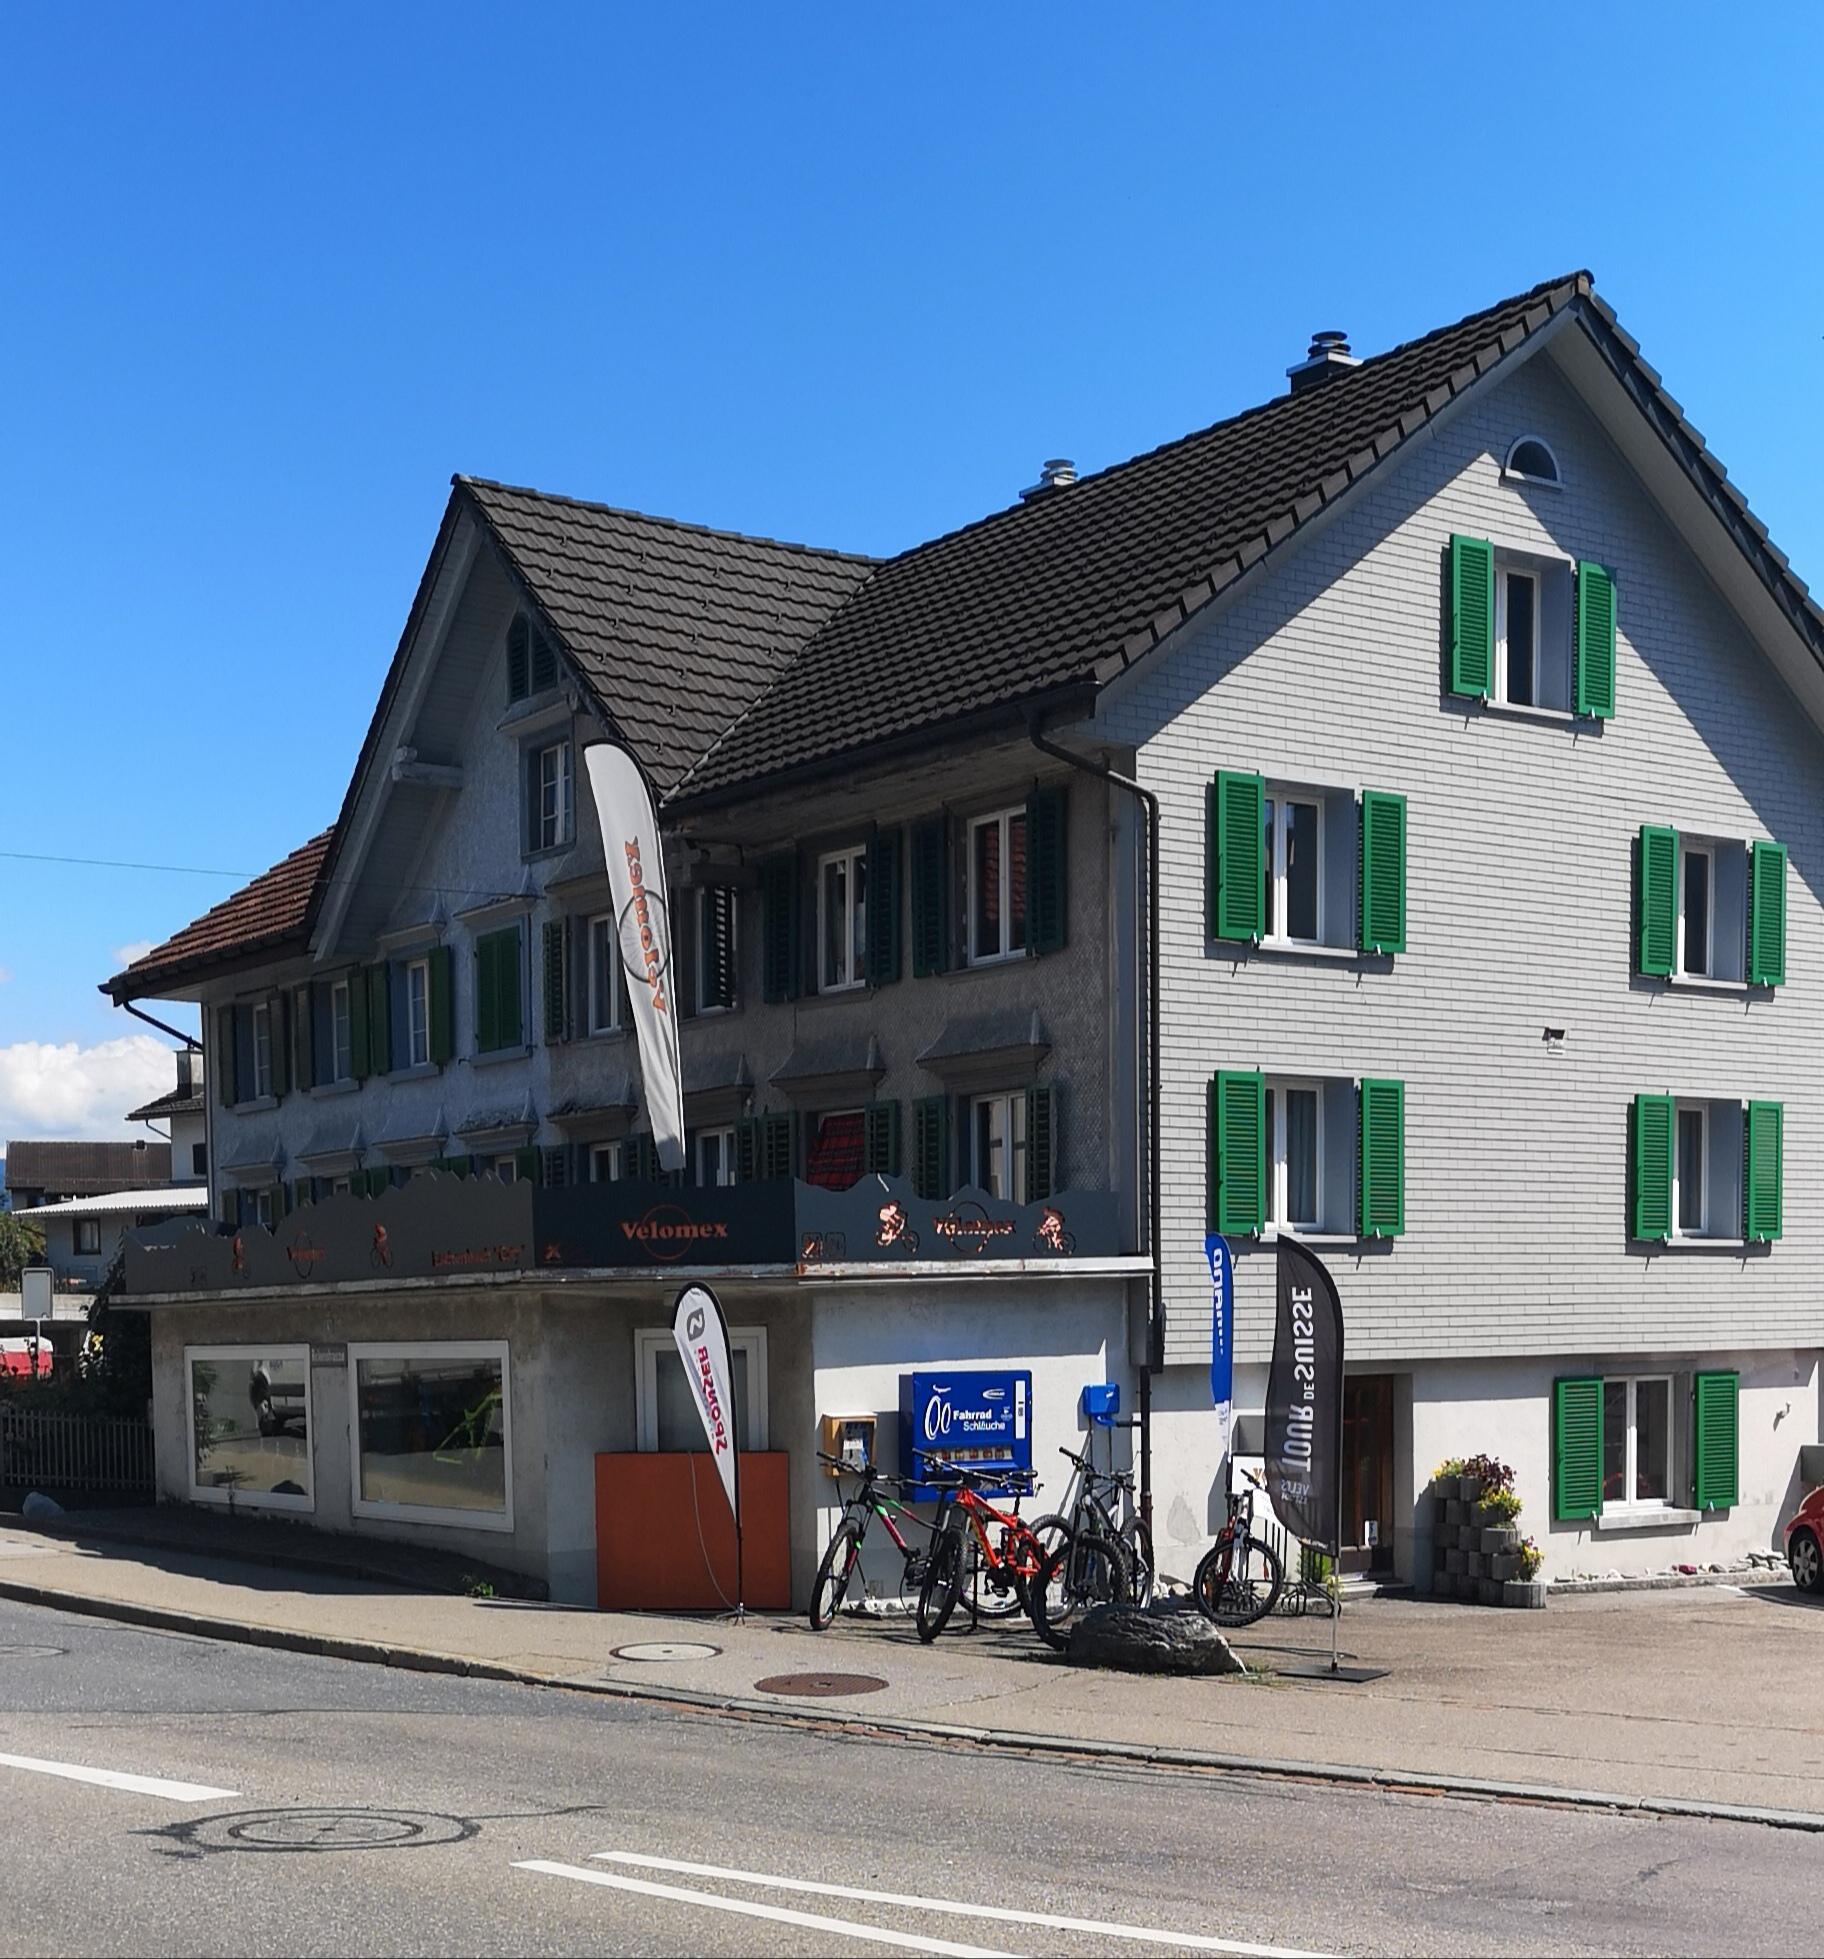 Anfahrt Velomex GmbH Eschenbach